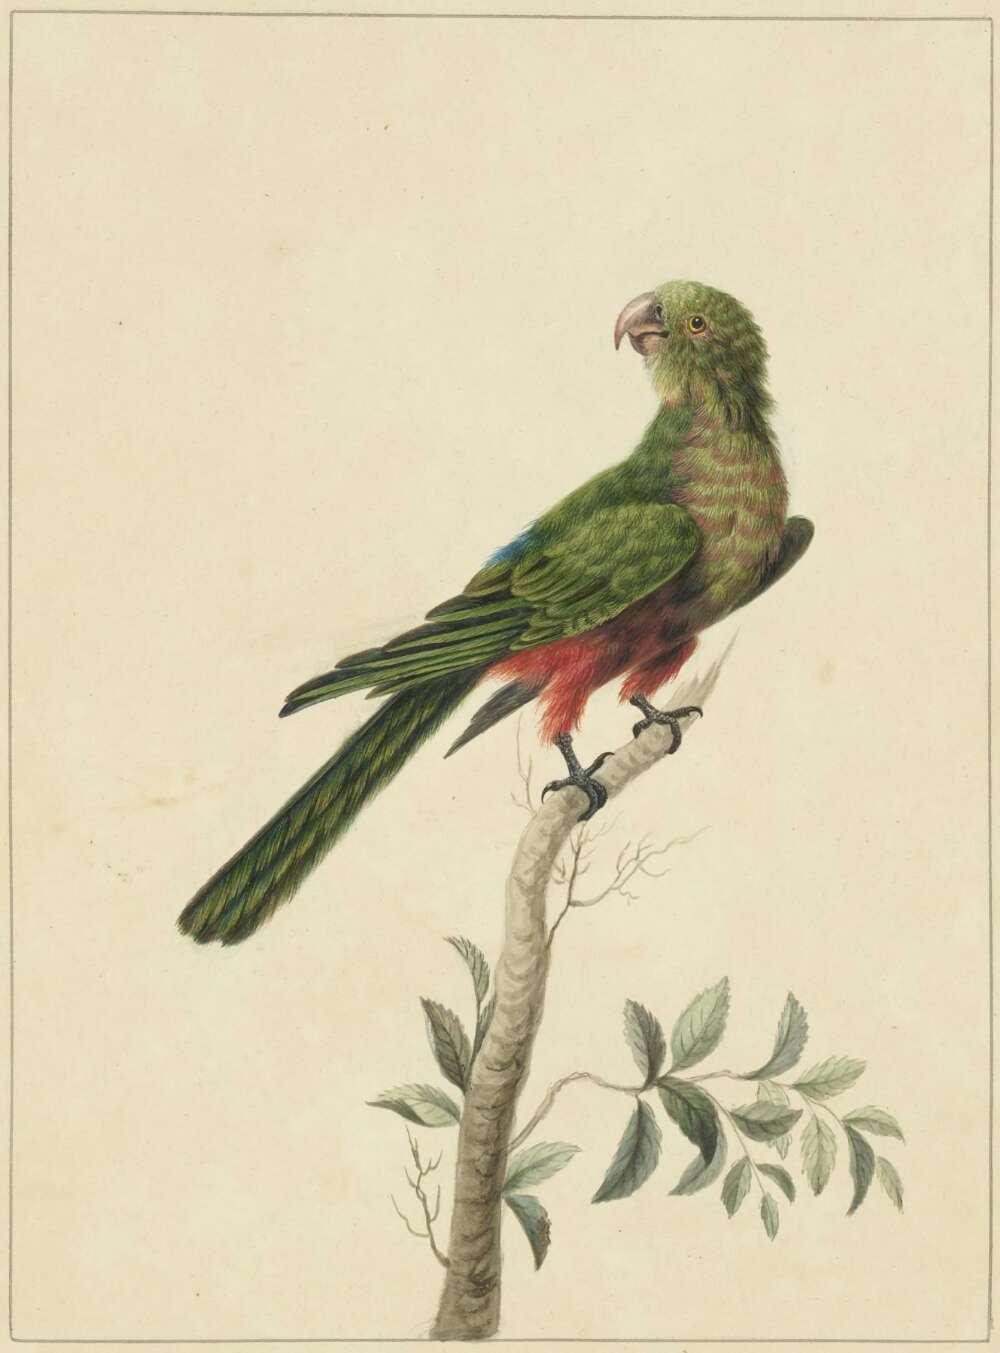 Sarah Stone, Tabuan Parrot, c.1790